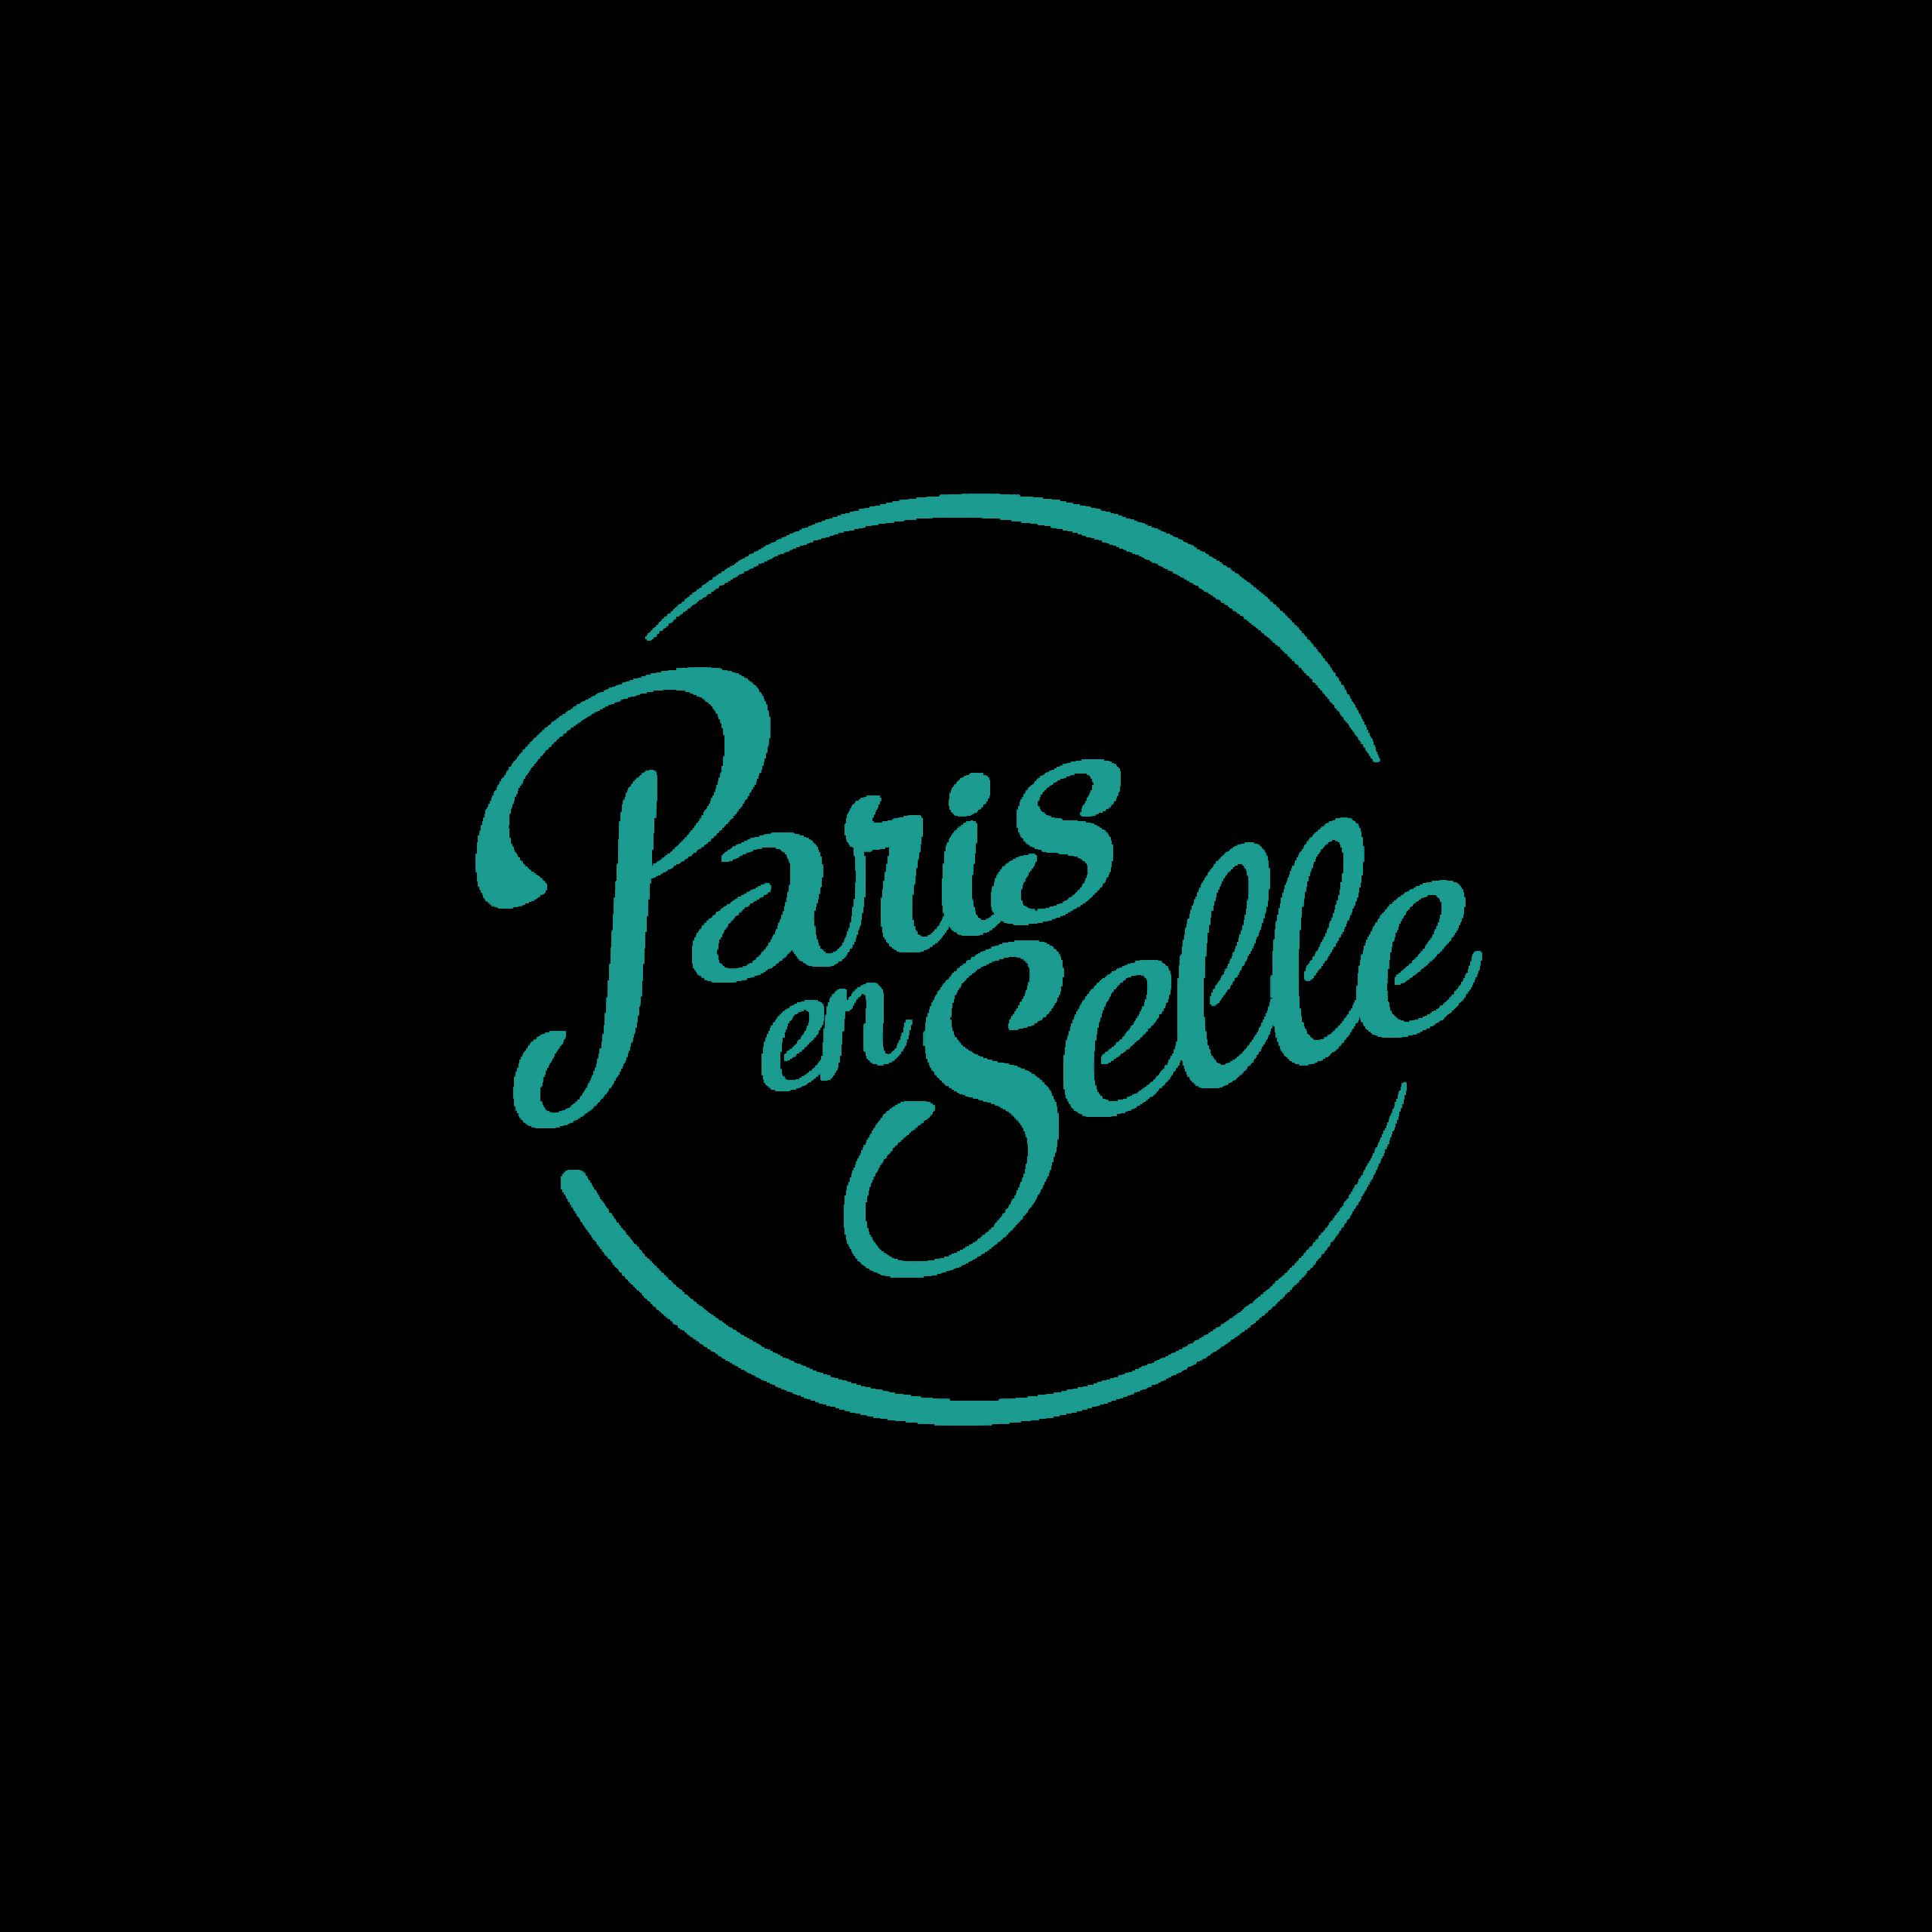 Paris en selle png